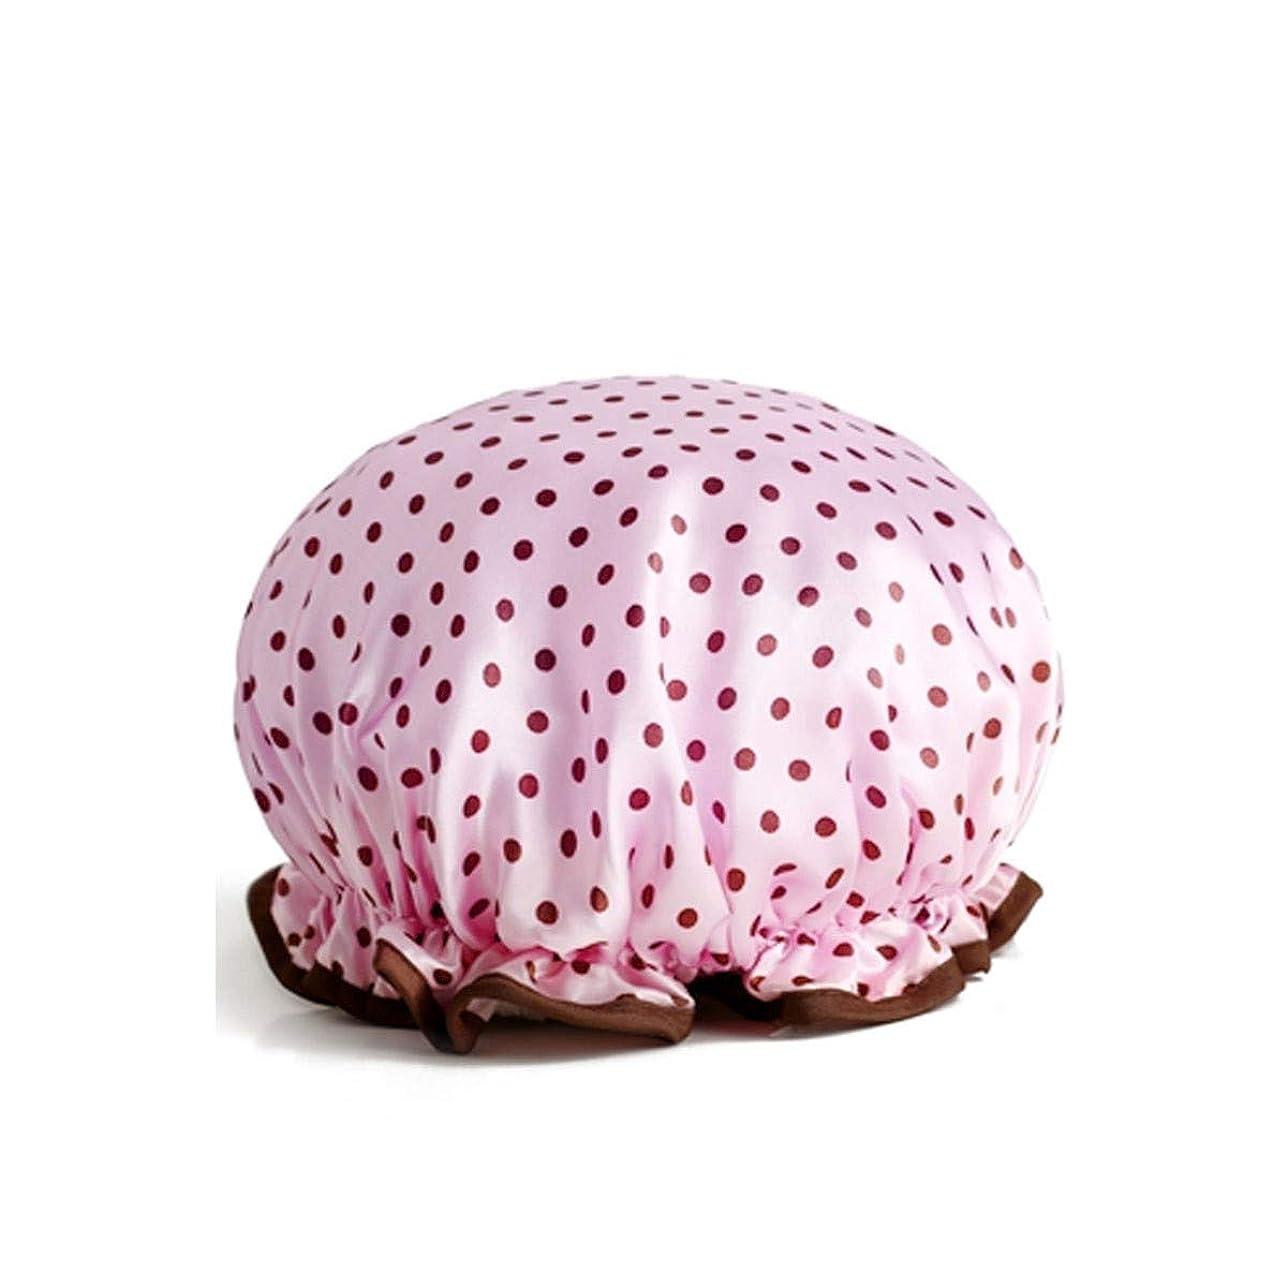 花瓶推進類人猿PFKE シャワーキャップ、防水大人の女性のシャワーキャップ、シャワーシャワーキャップ、シャンプーキャップ、かわいいスカーフは、台所の女性は、4色のキャップを吸うオプション シンプルで実用的な製品 (Color : Pink)